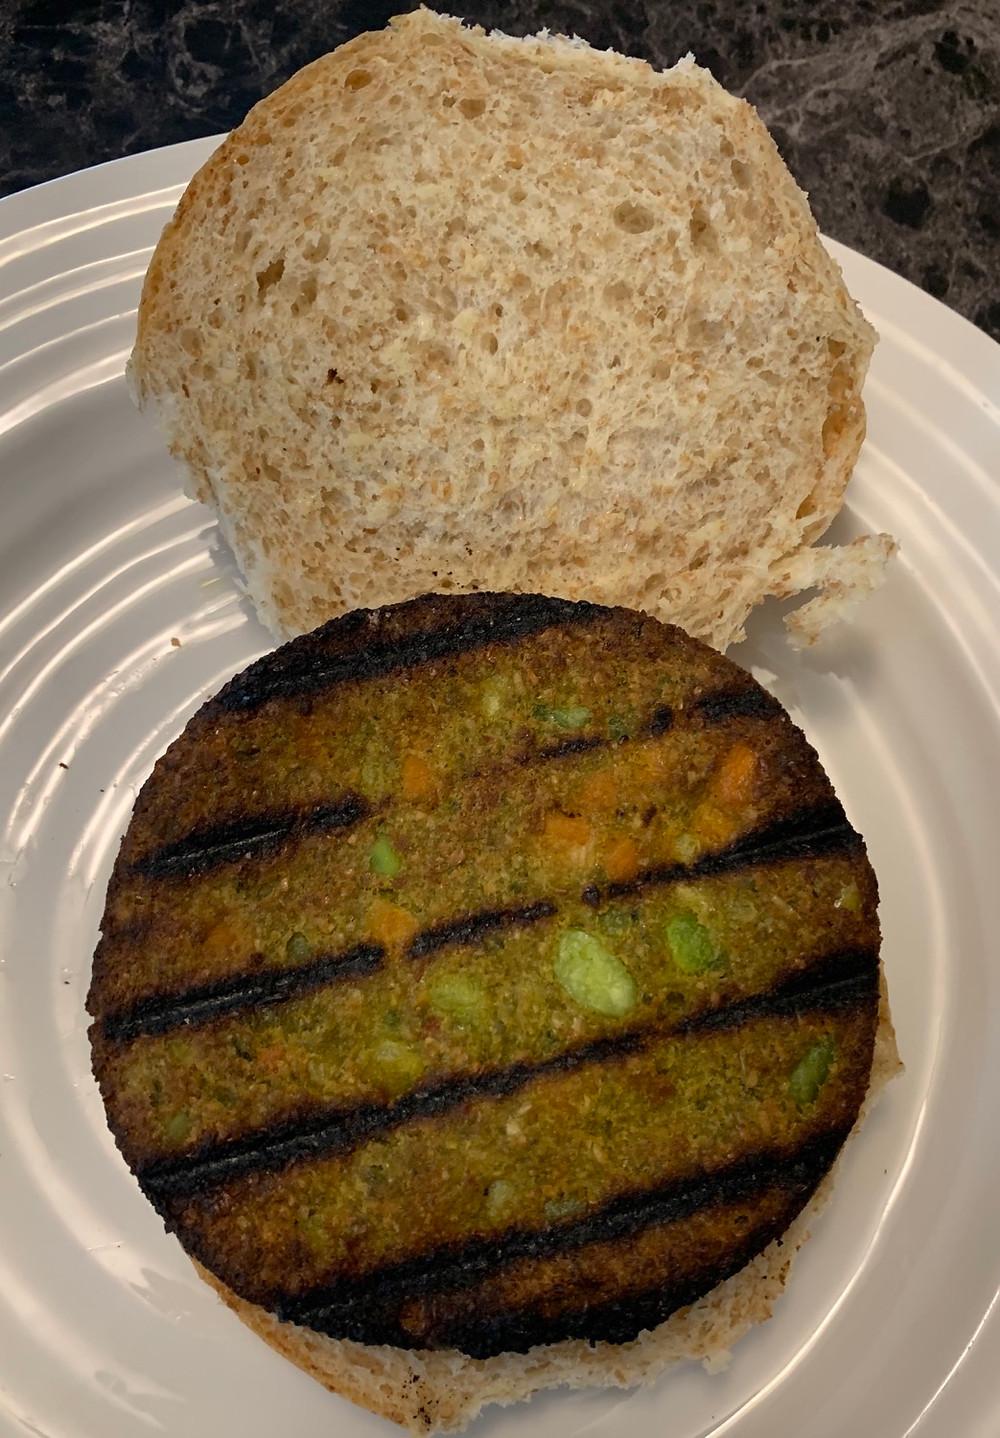 Costco dr. Praegers Organic California Veggie Burgers